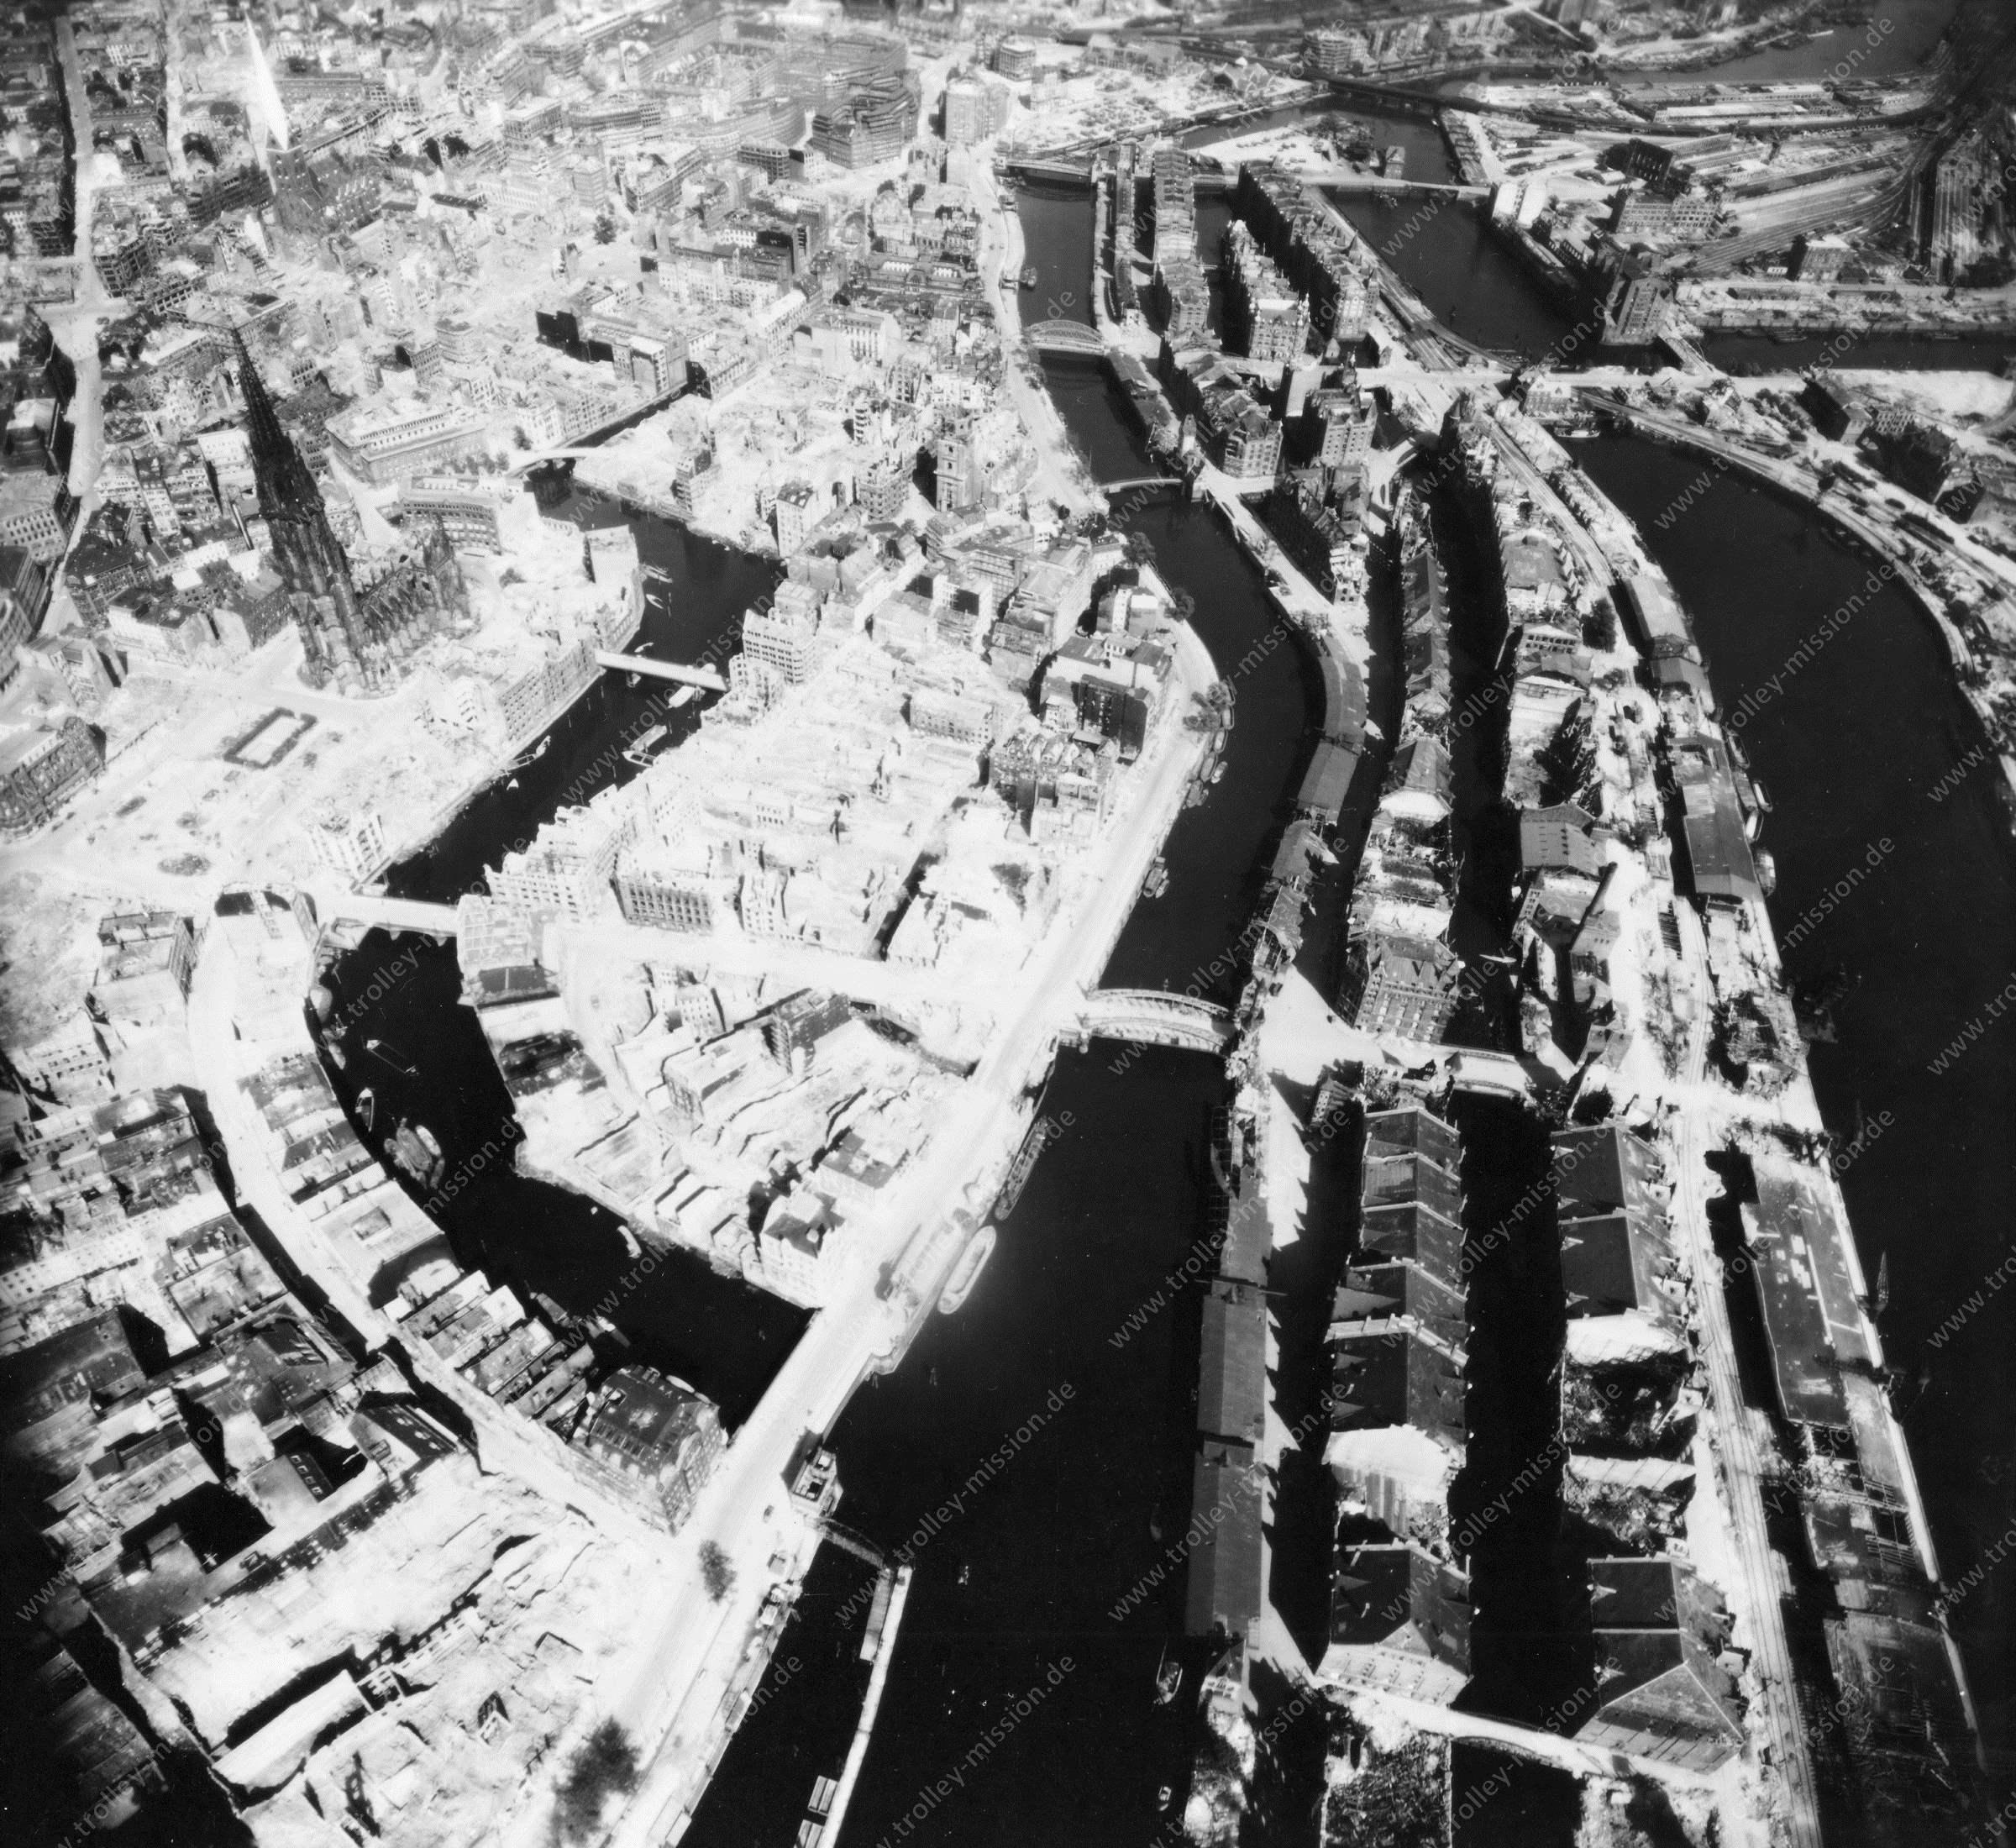 Luftbild von Hamburg und Hafen am 12. Mai 1945 - Luftbildserie 14/19 der US Air Force